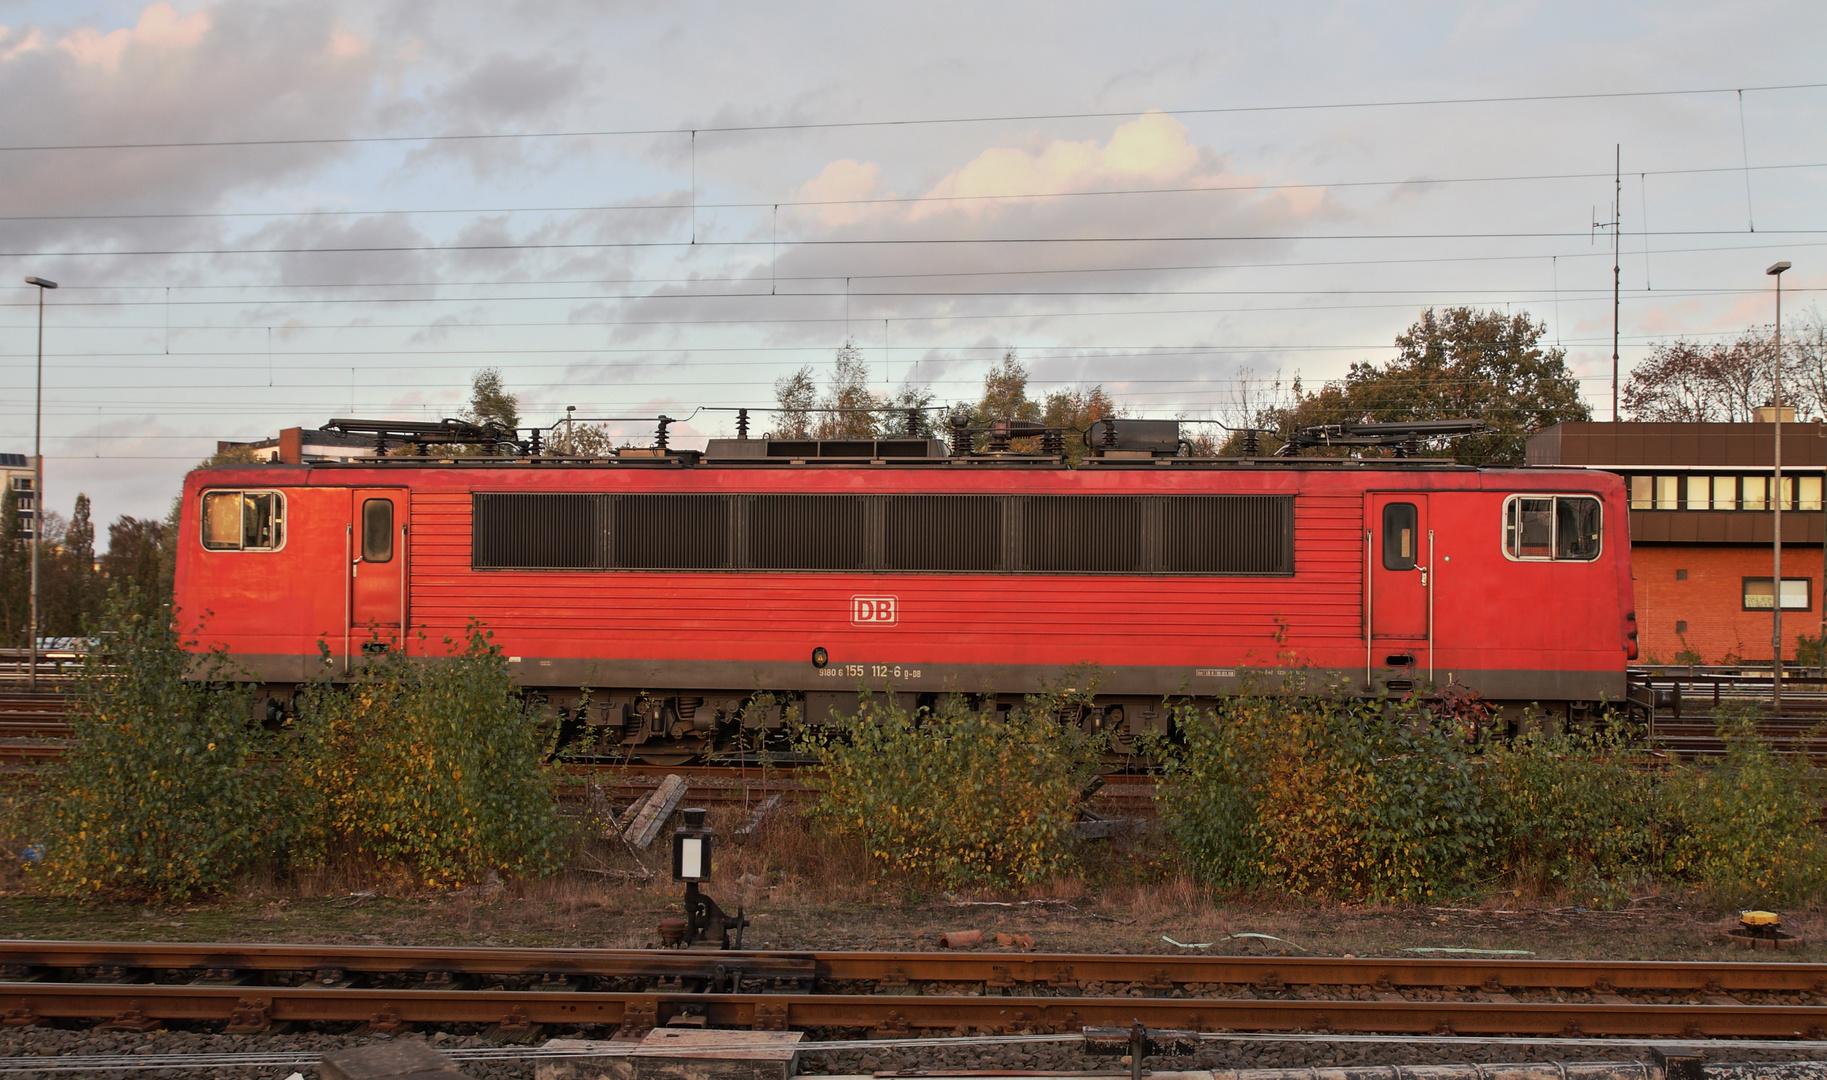 155-112 in HH-Eidelstedt